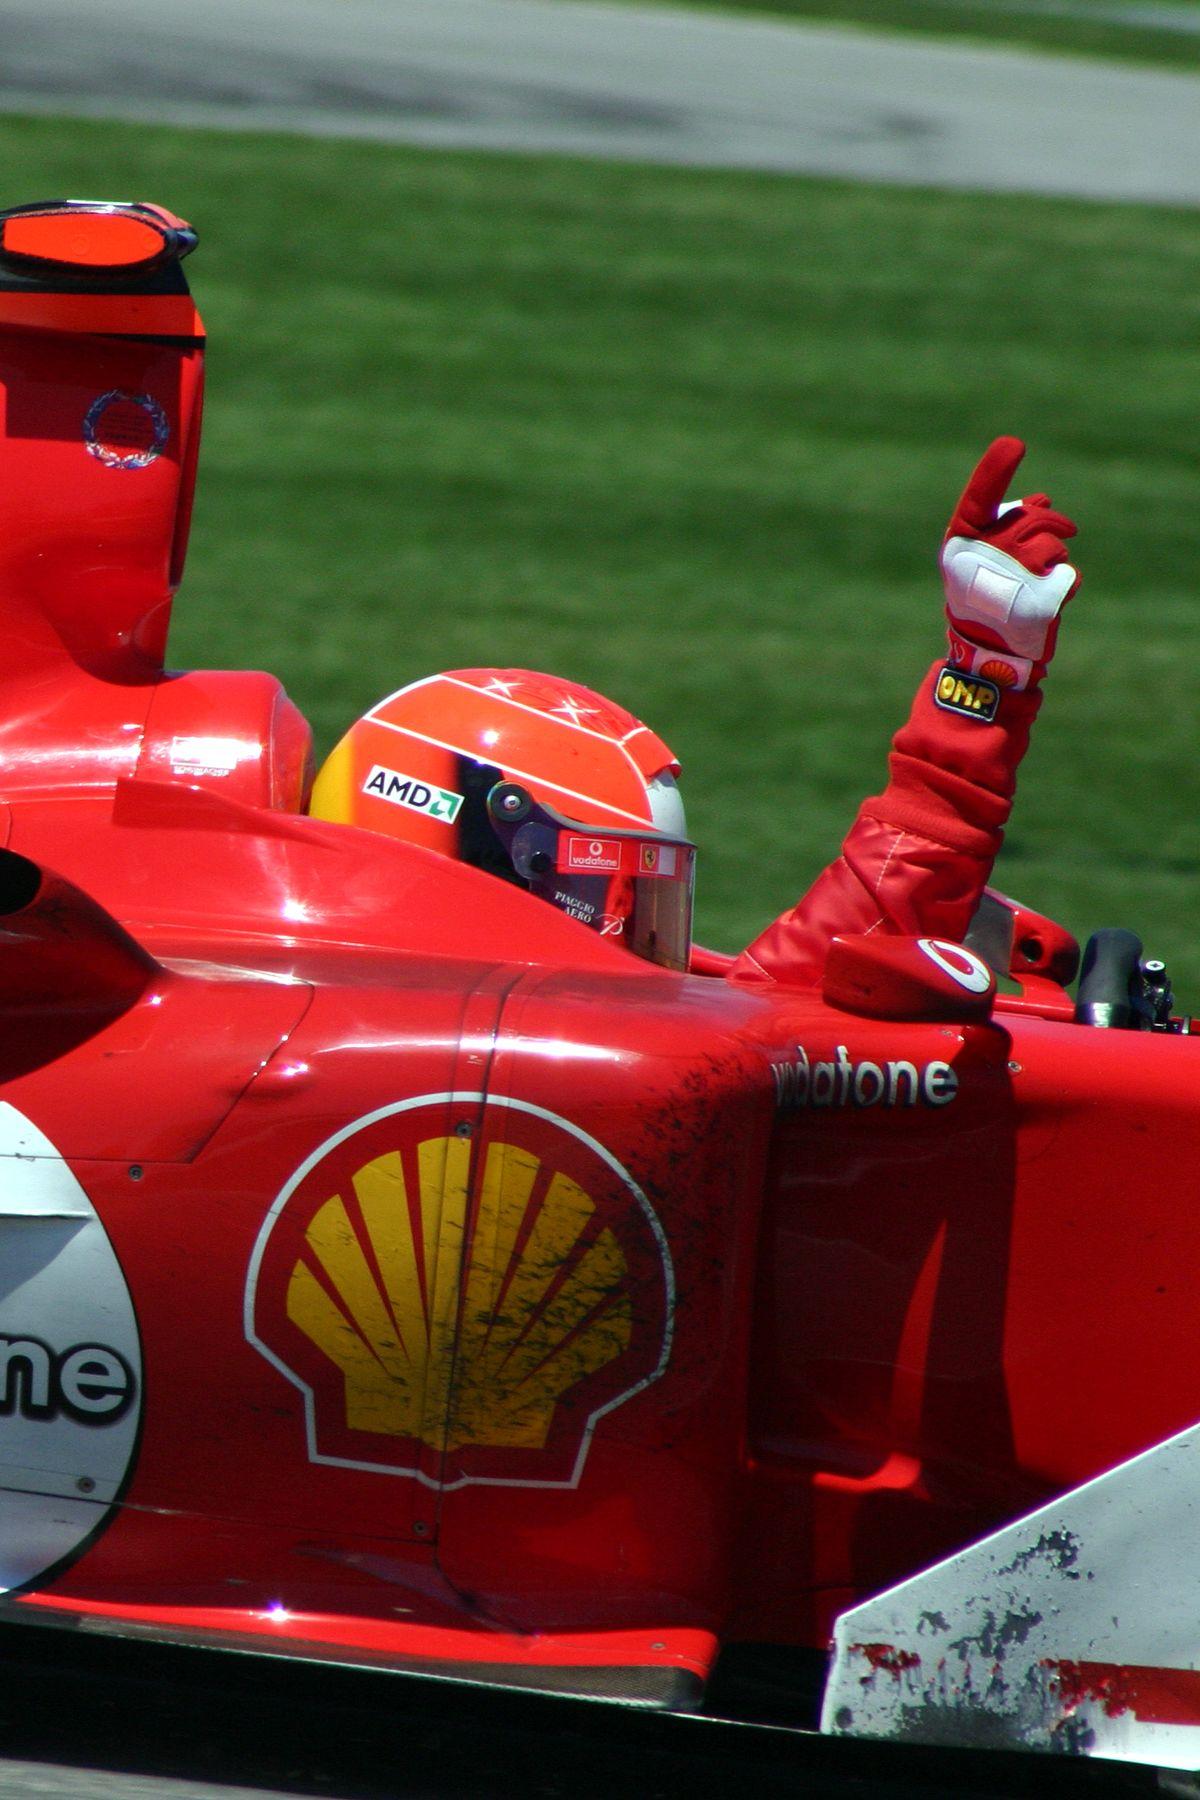 War Quote Wallpaper Hd Liste Der Grand Prix Sieger Der Formel 1 Wikipedia